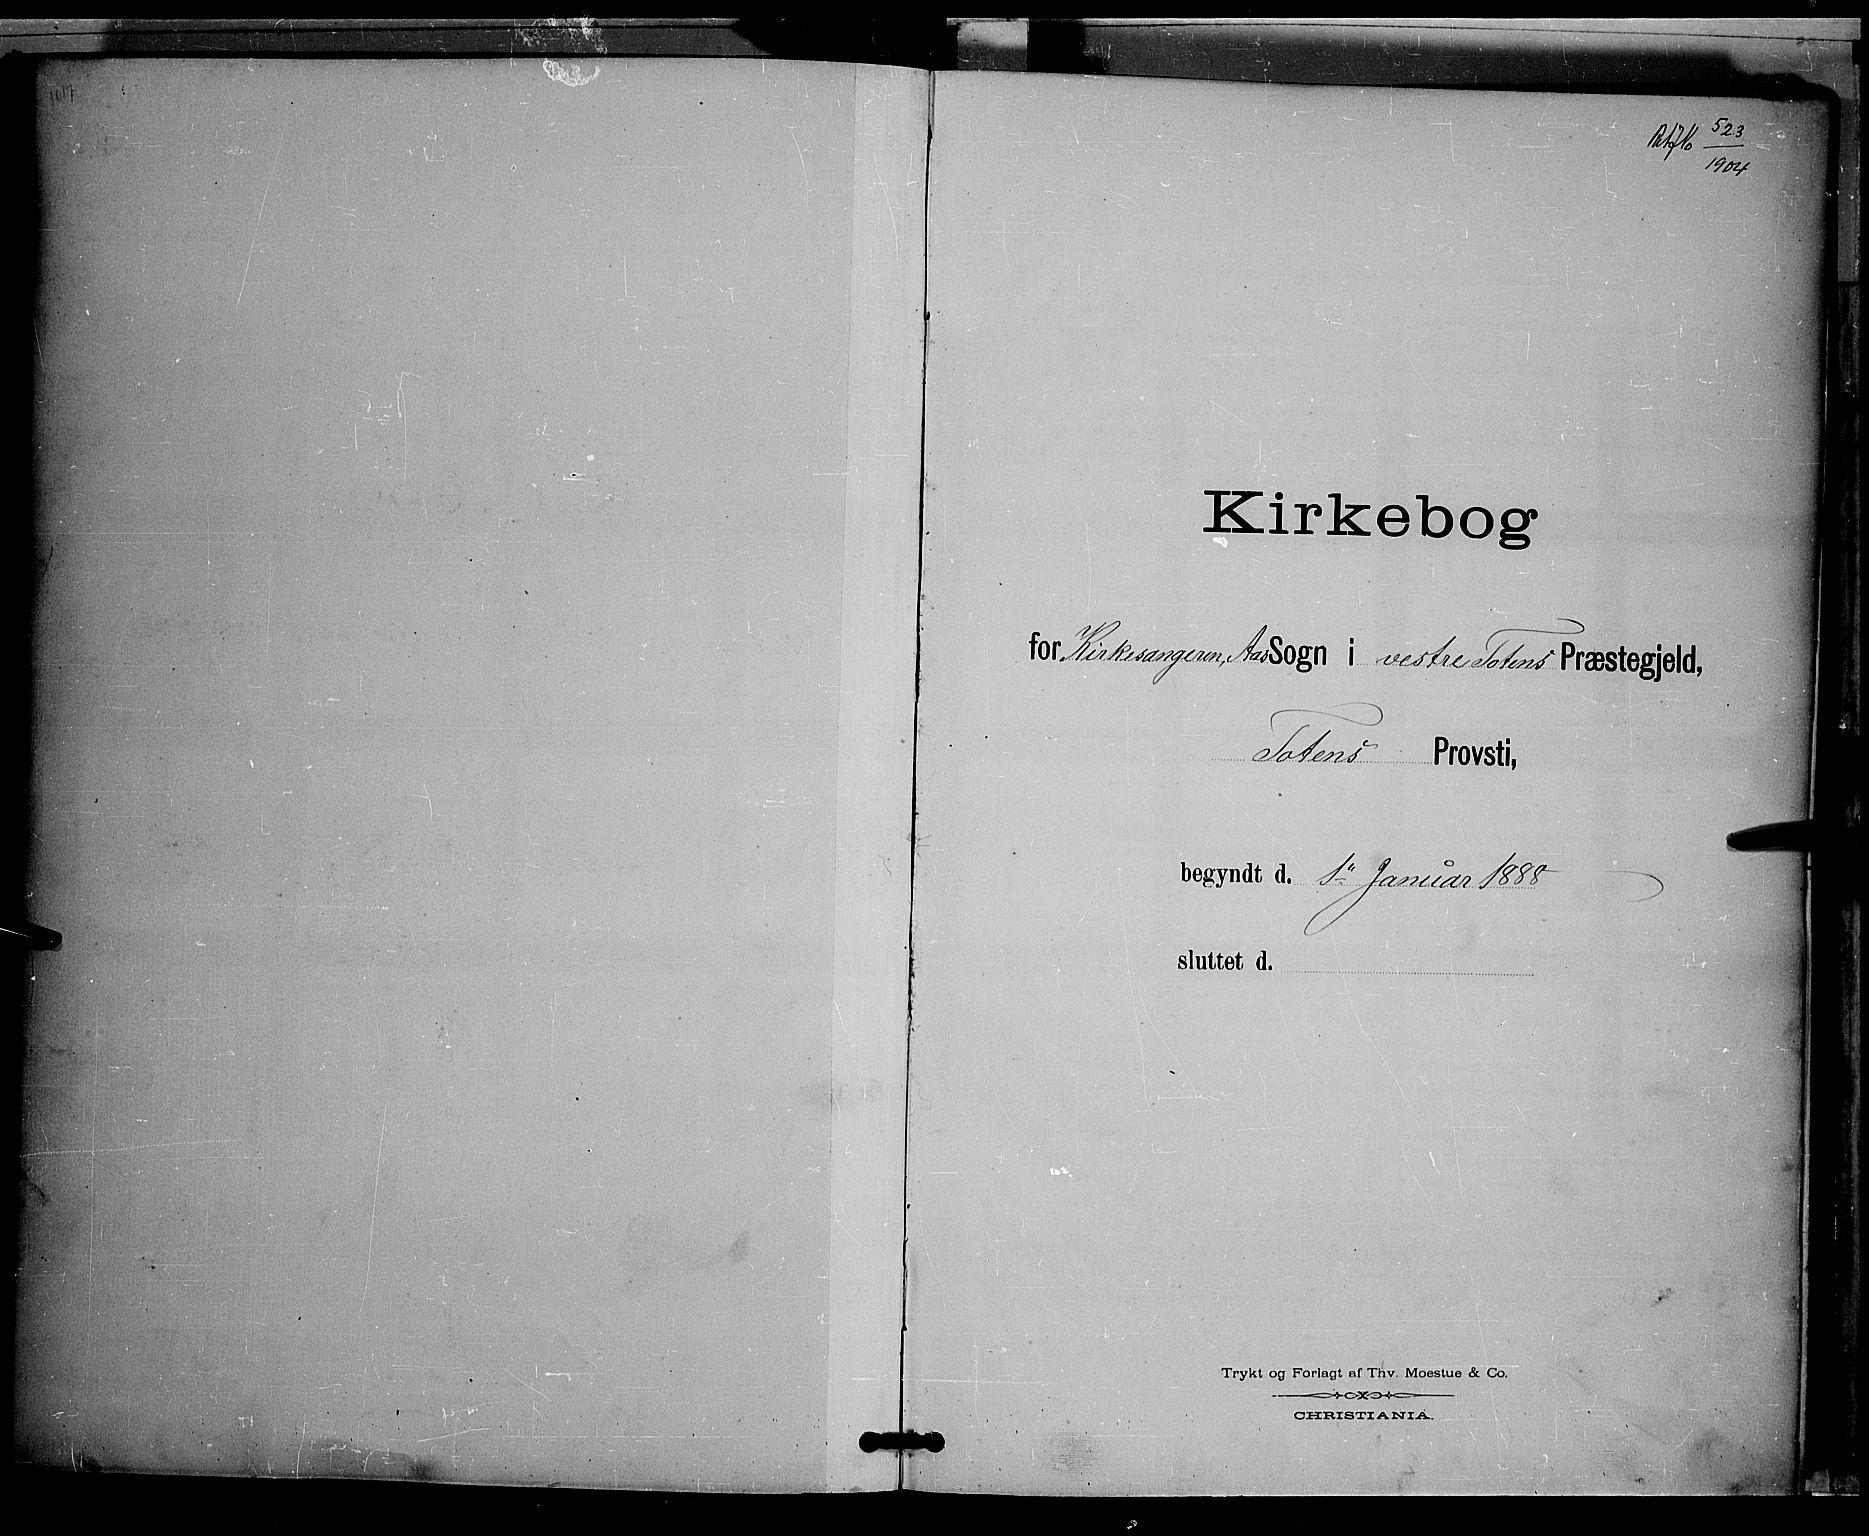 SAH, Vestre Toten prestekontor, Klokkerbok nr. 9, 1888-1900